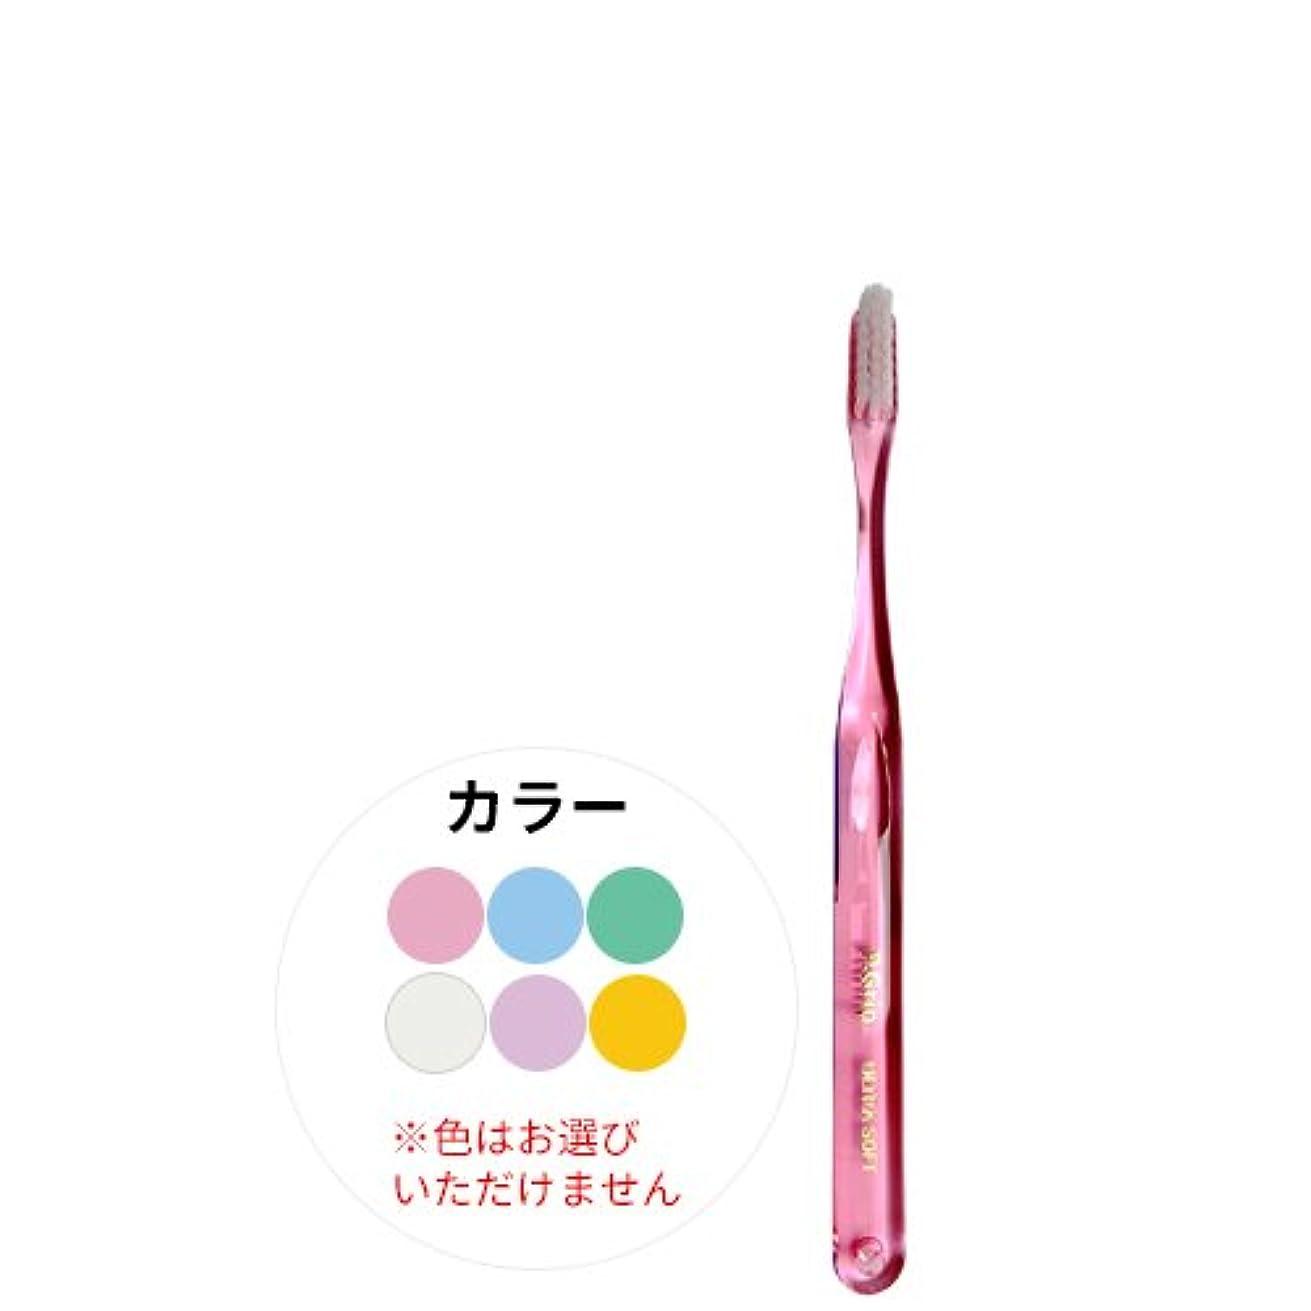 シエスタ差別心理学P.D.R.(ピーディーアール) P.Grip(ピーグリップ)ウルトラソフト 歯ブラシ × 1本